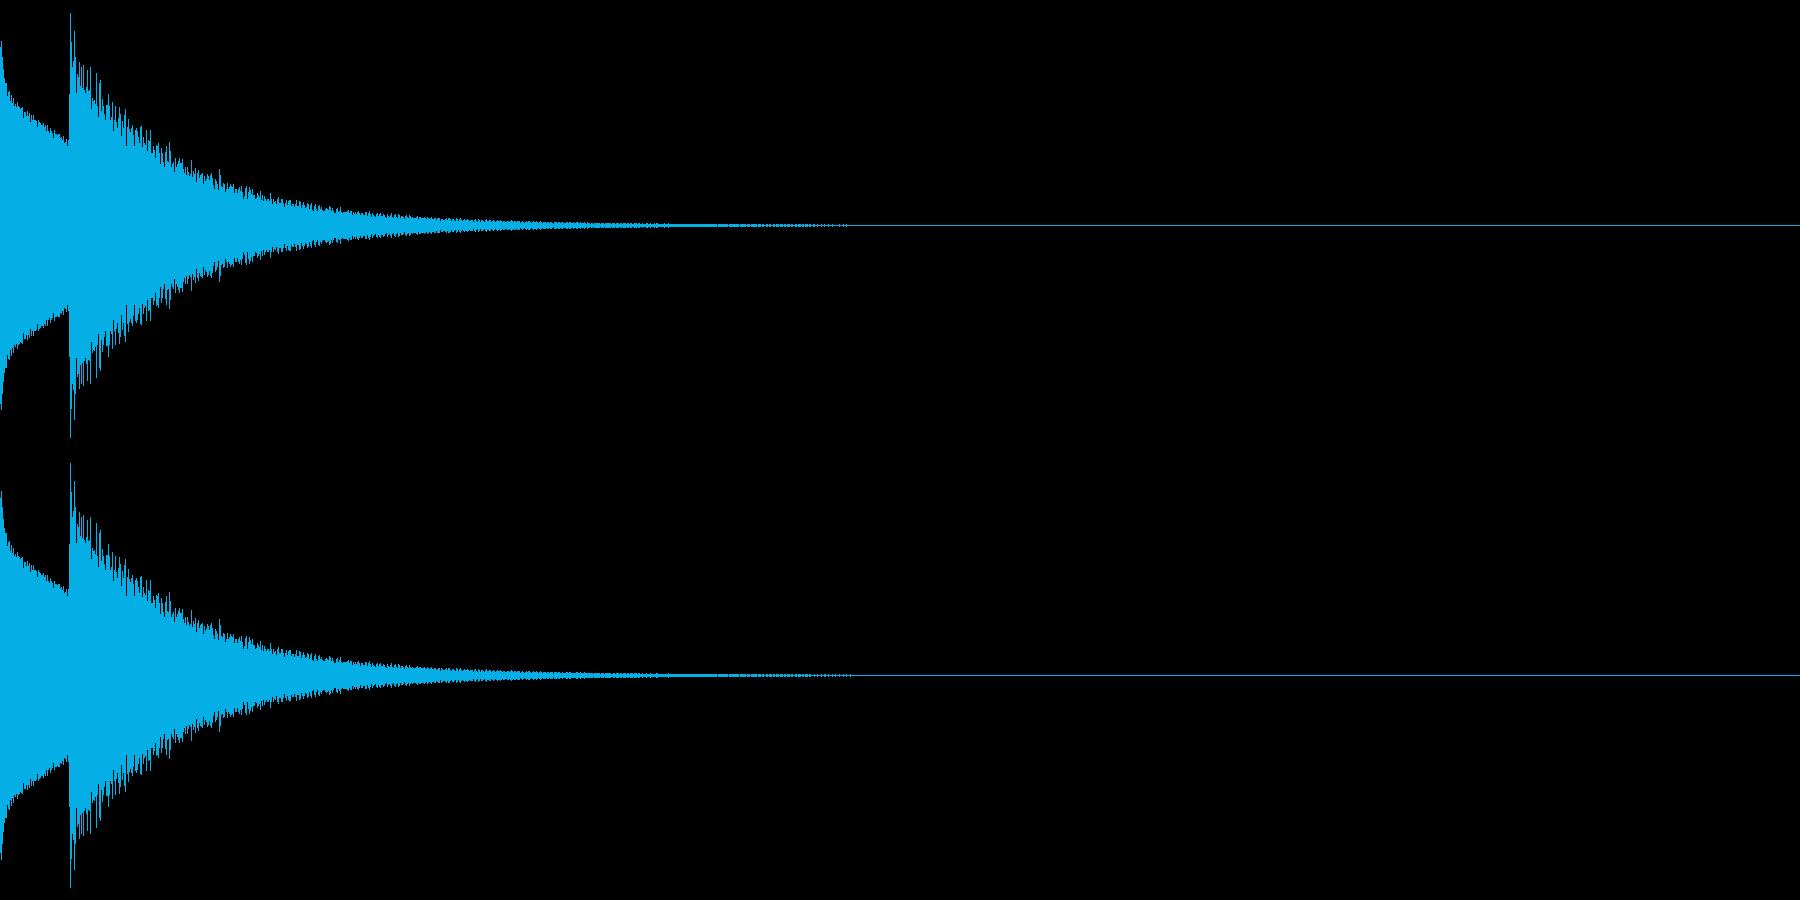 しっくりくるクイズの音 ピンポーン01の再生済みの波形